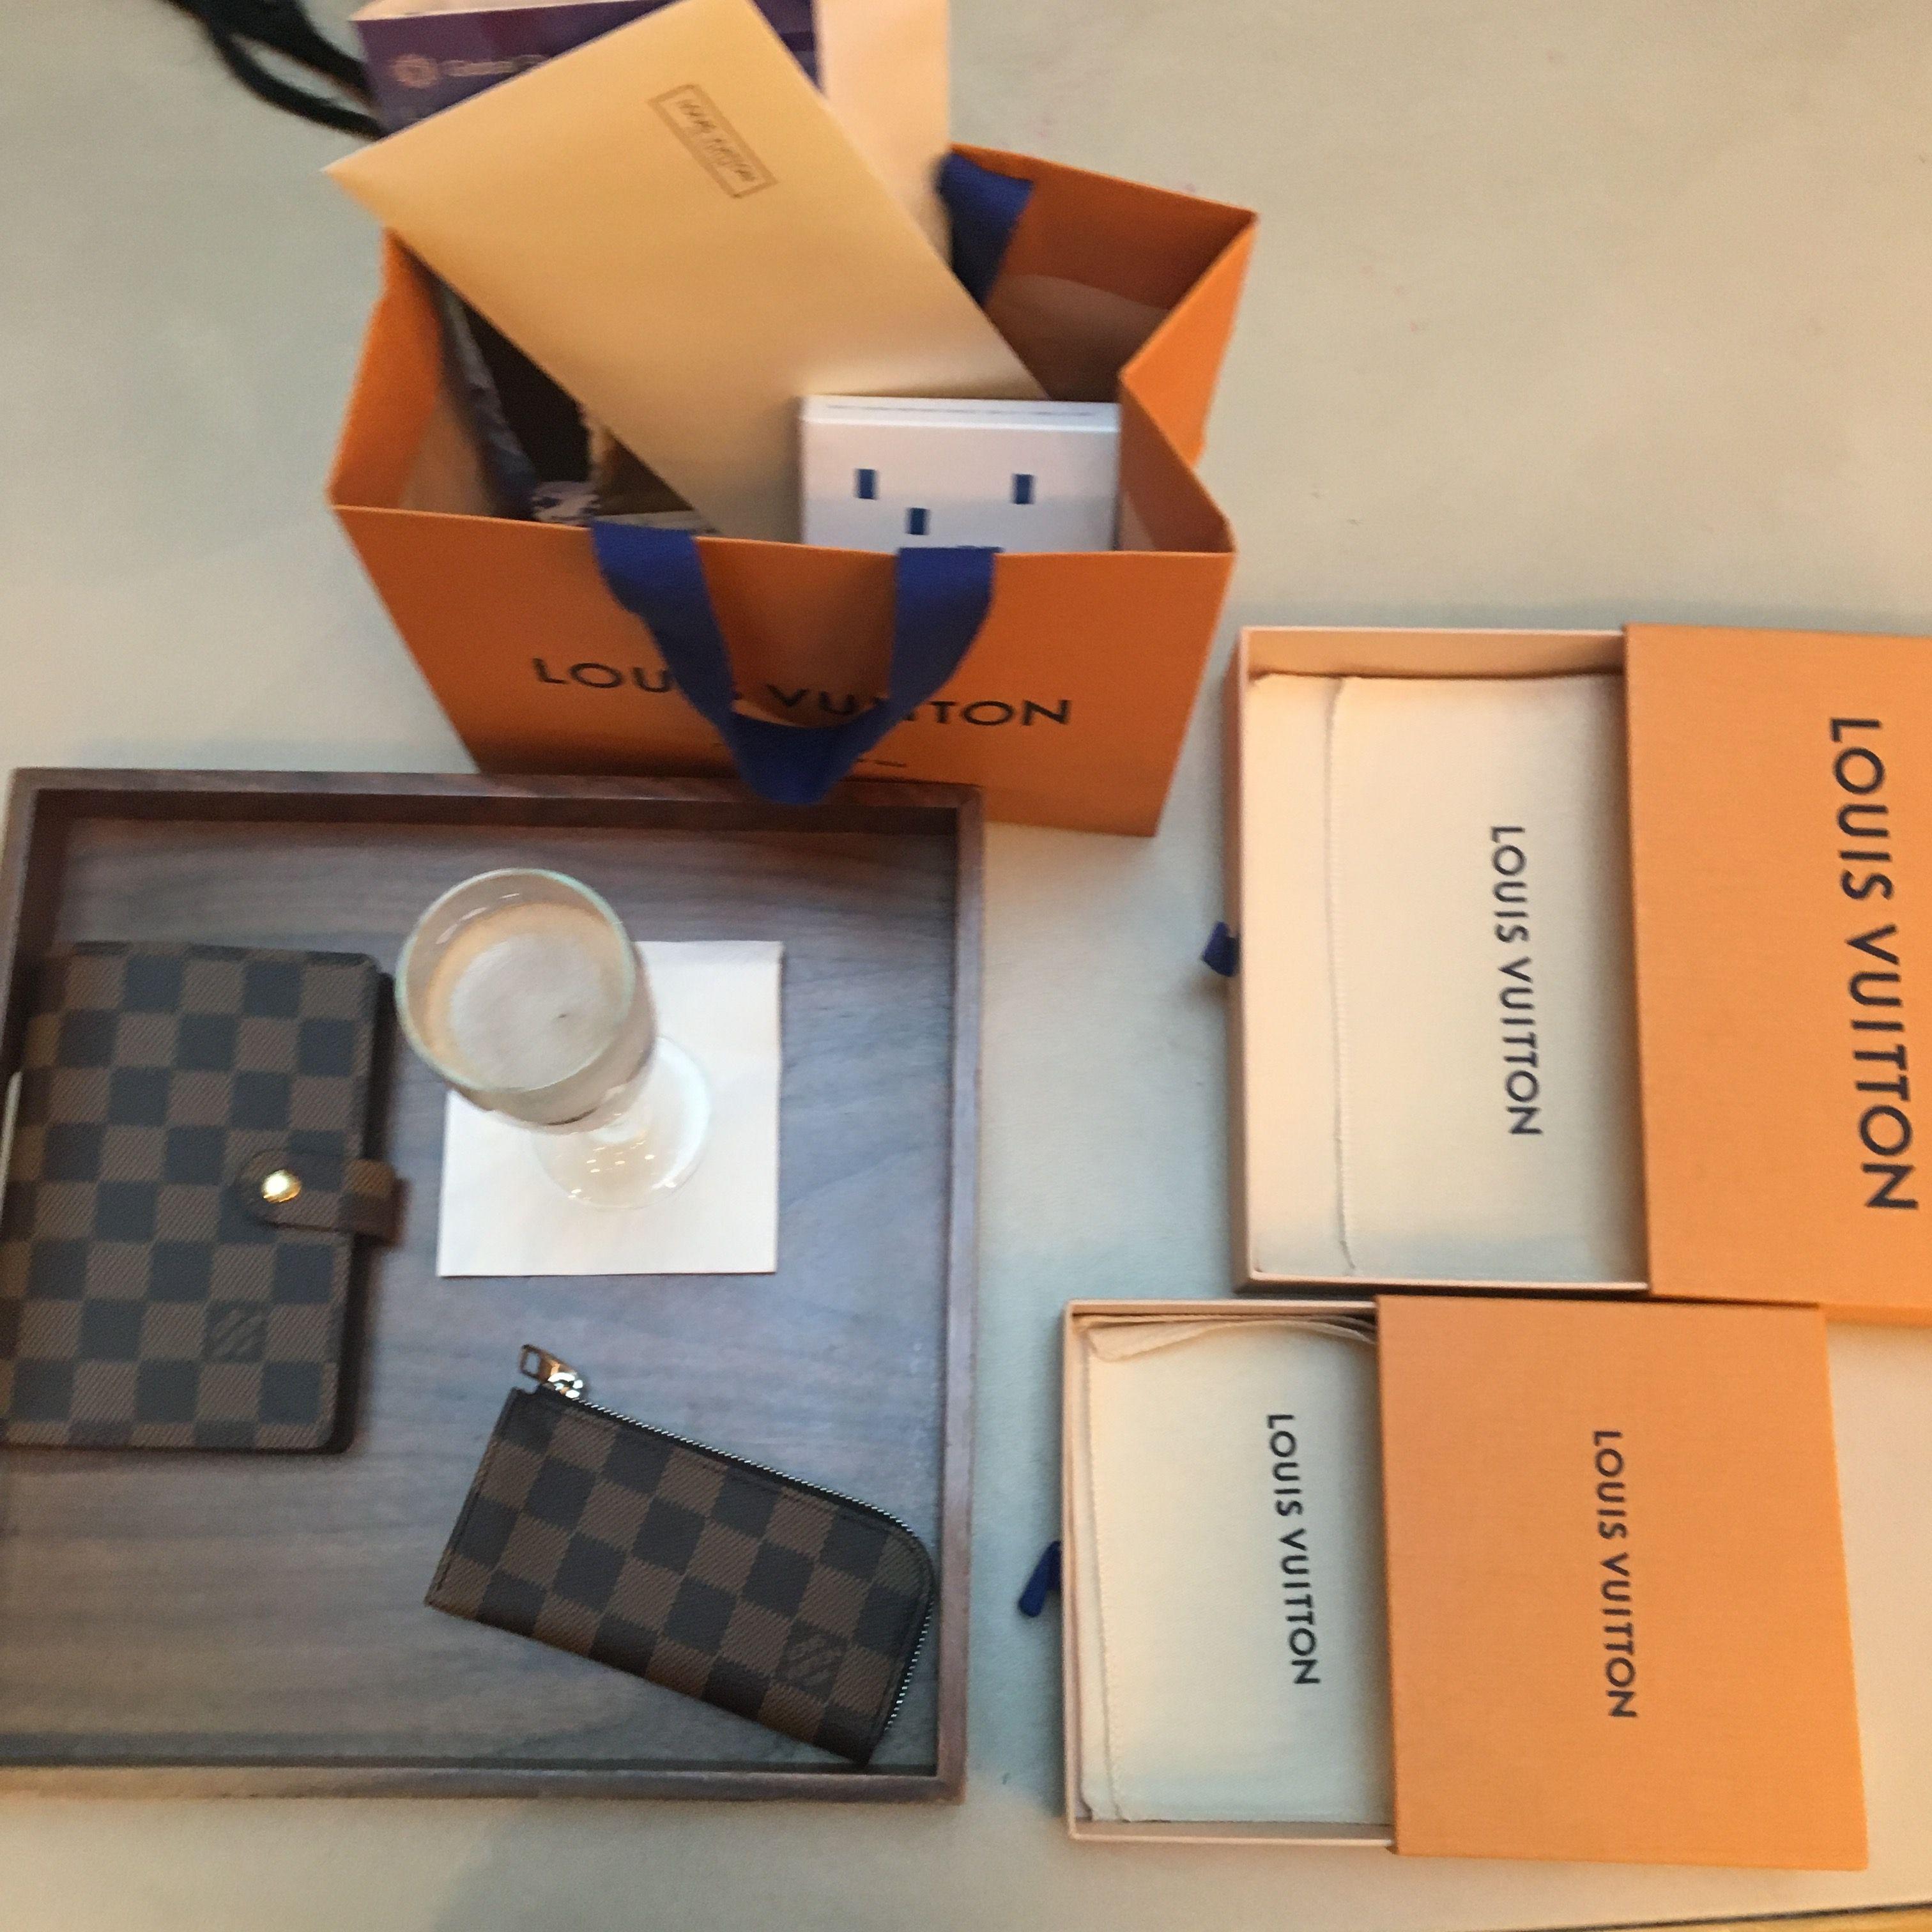 Louis Vuitton agenda pm and pochette clés served with Champagne et 101 Av. Champs-Élysée in Paris; the Louis Vuitton flagship factory 🥂 #louisvuitton #agendapm #louisvuittonparis #pochettecles